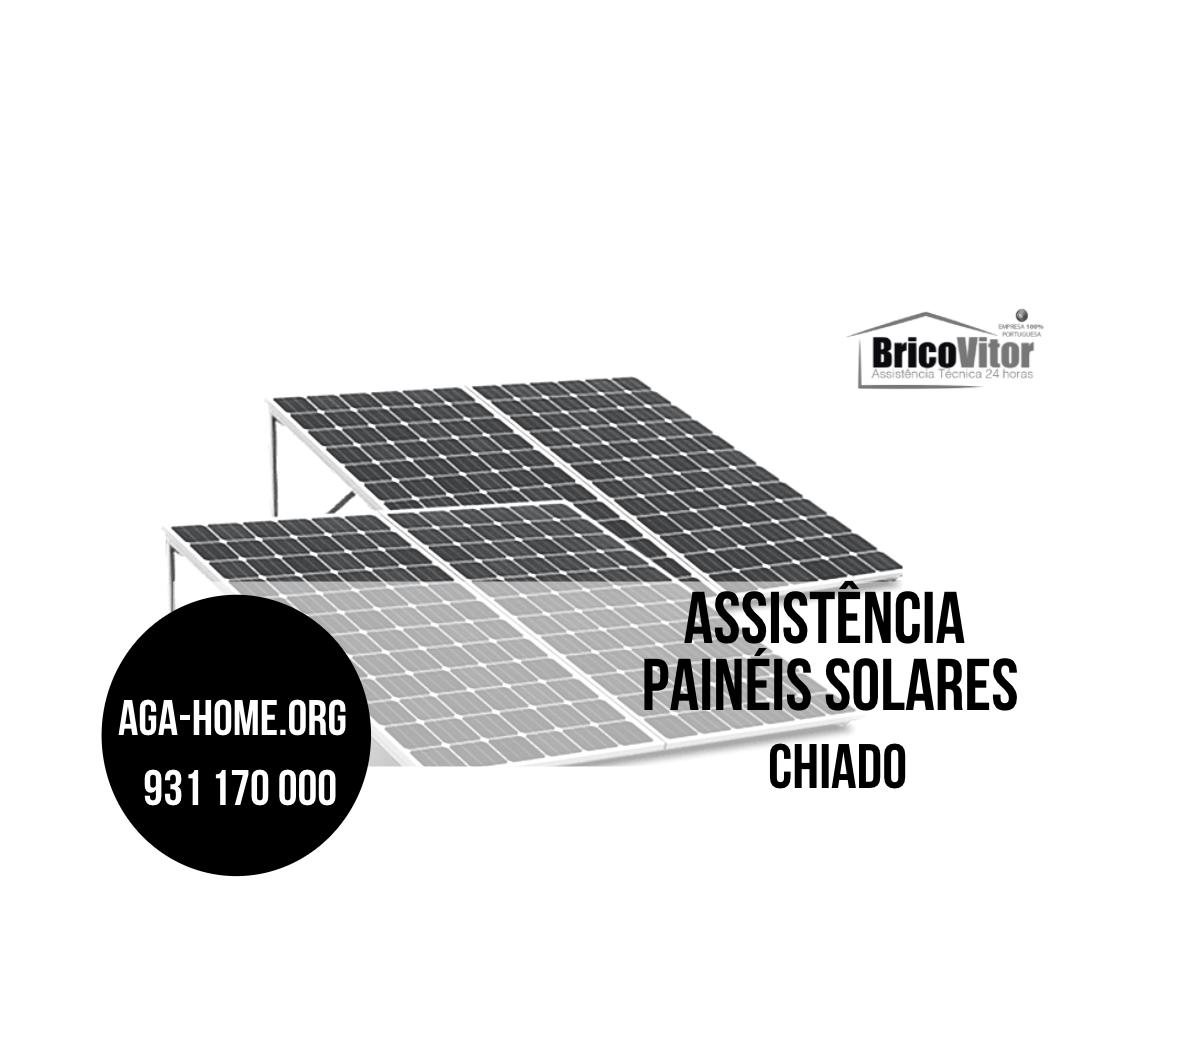 Assistência Painéis Solares Chiado